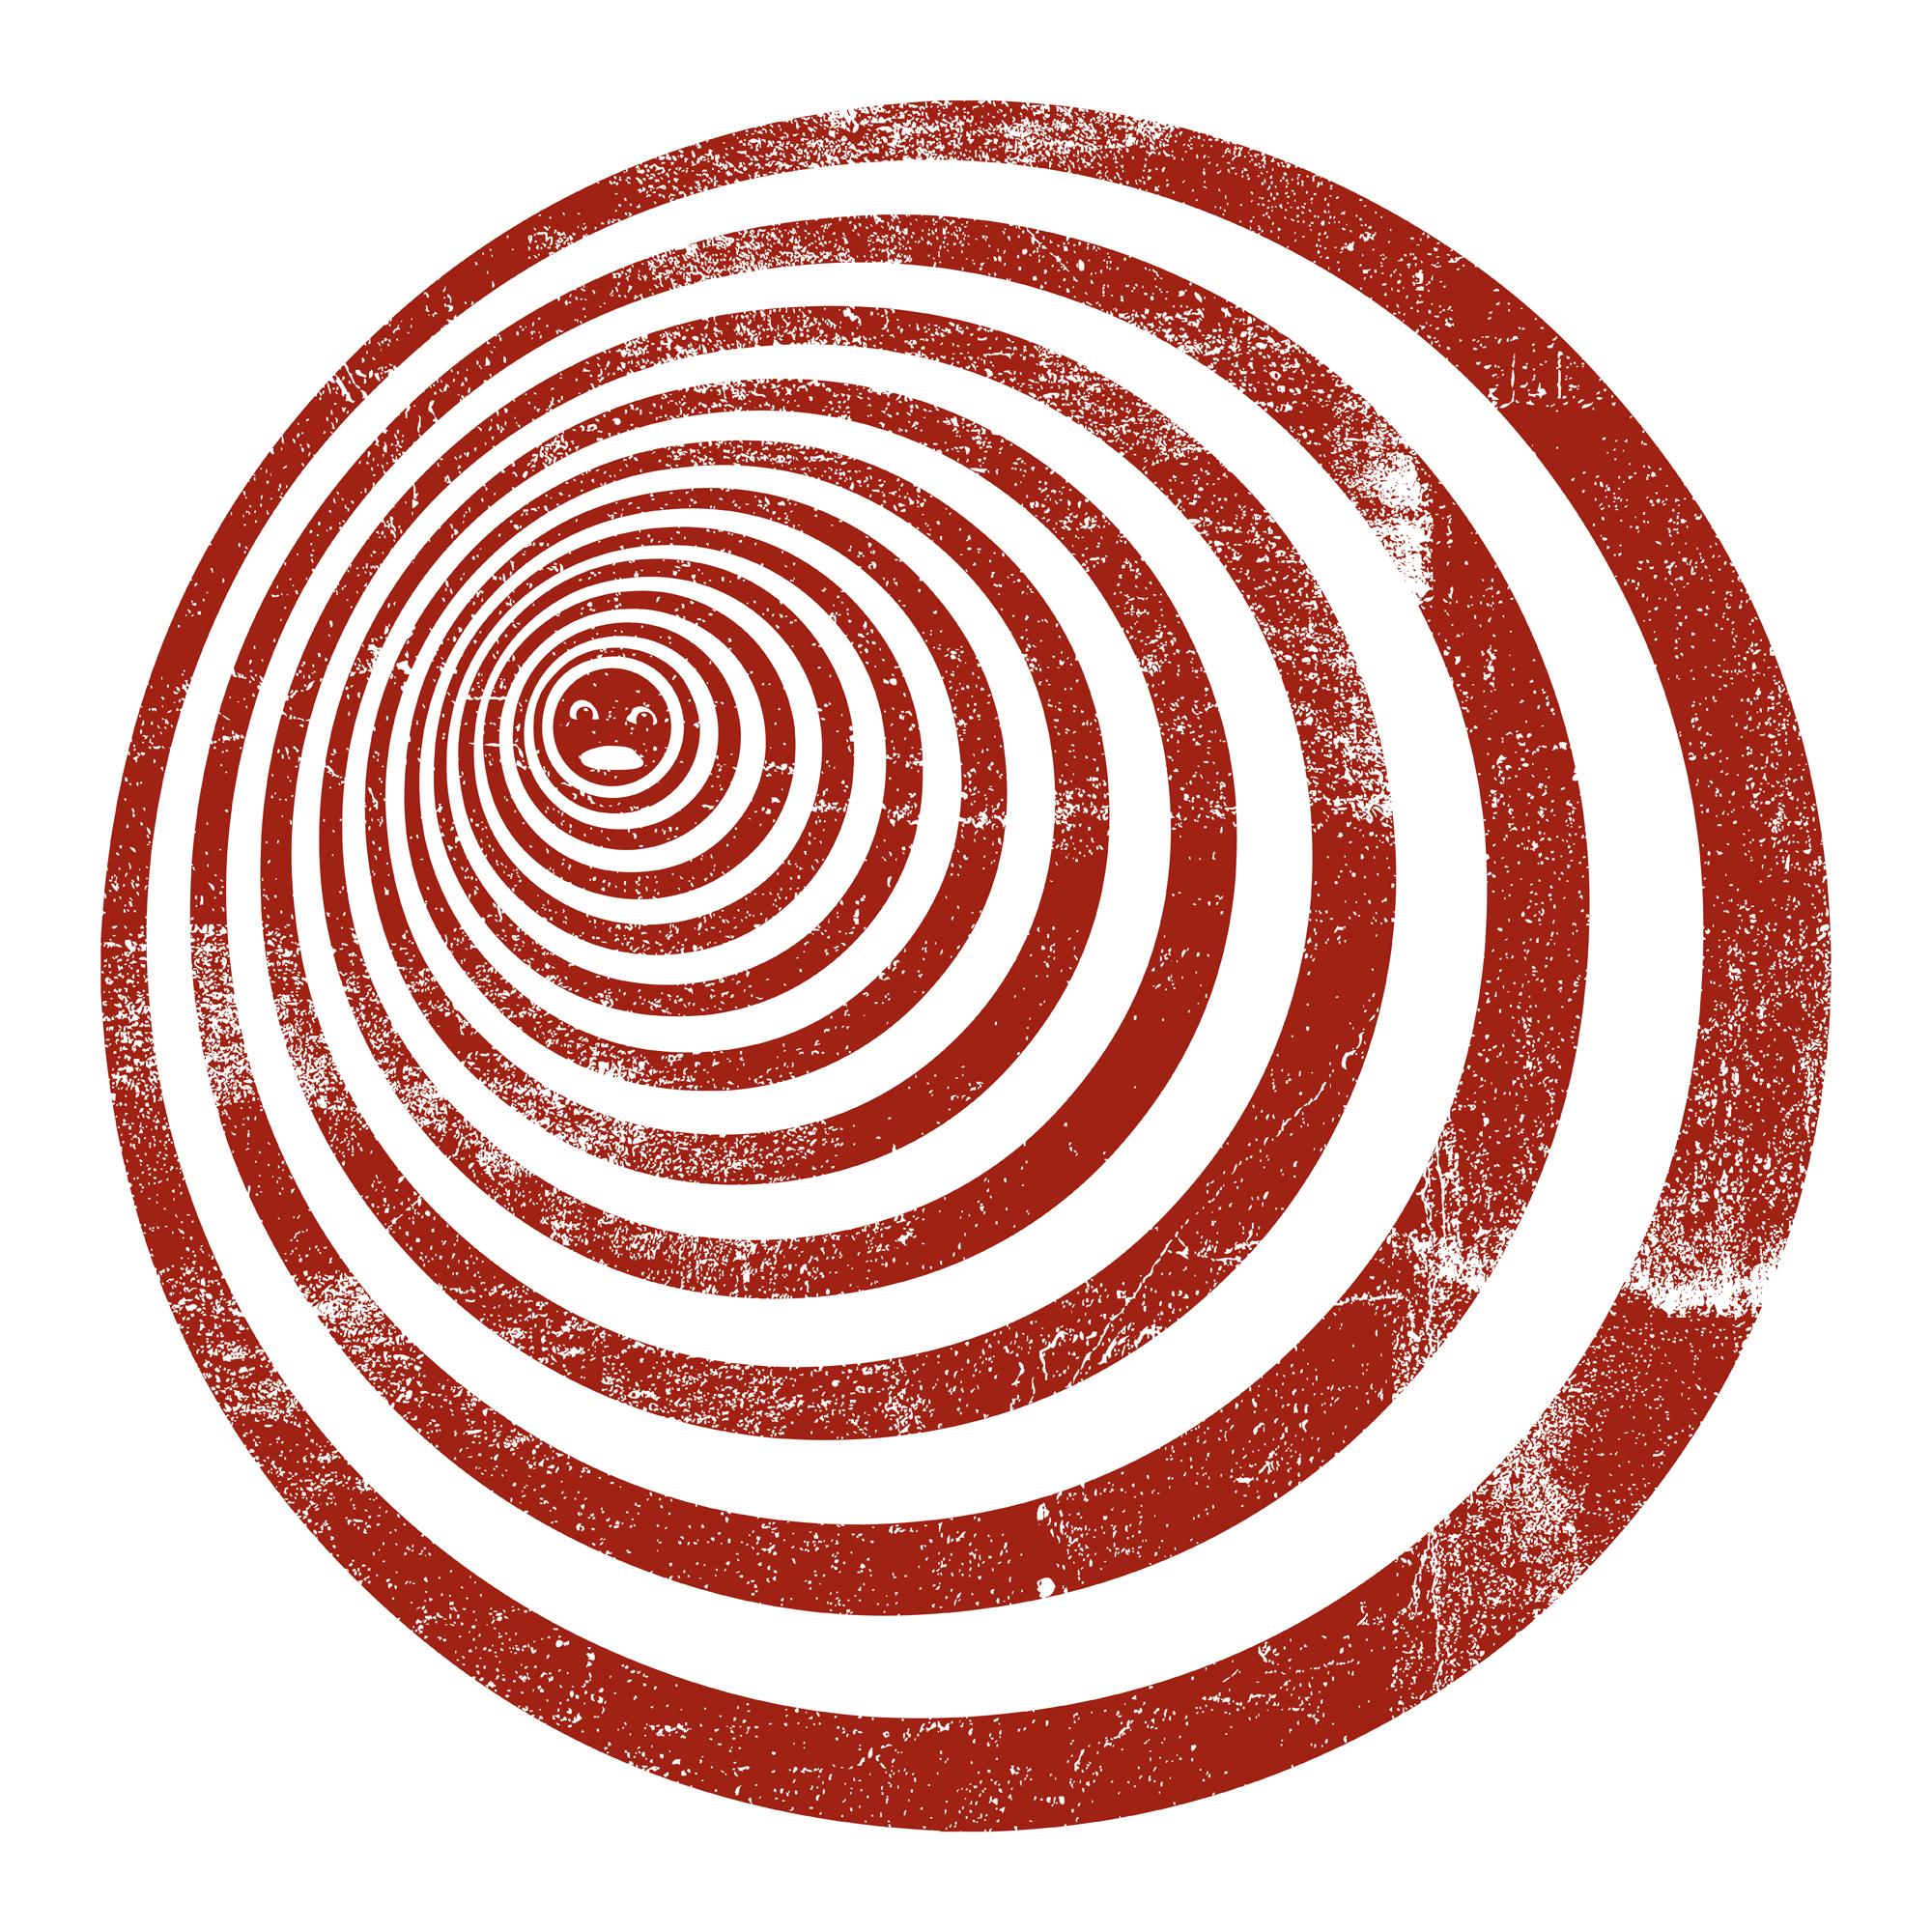 Spiralface.jpg